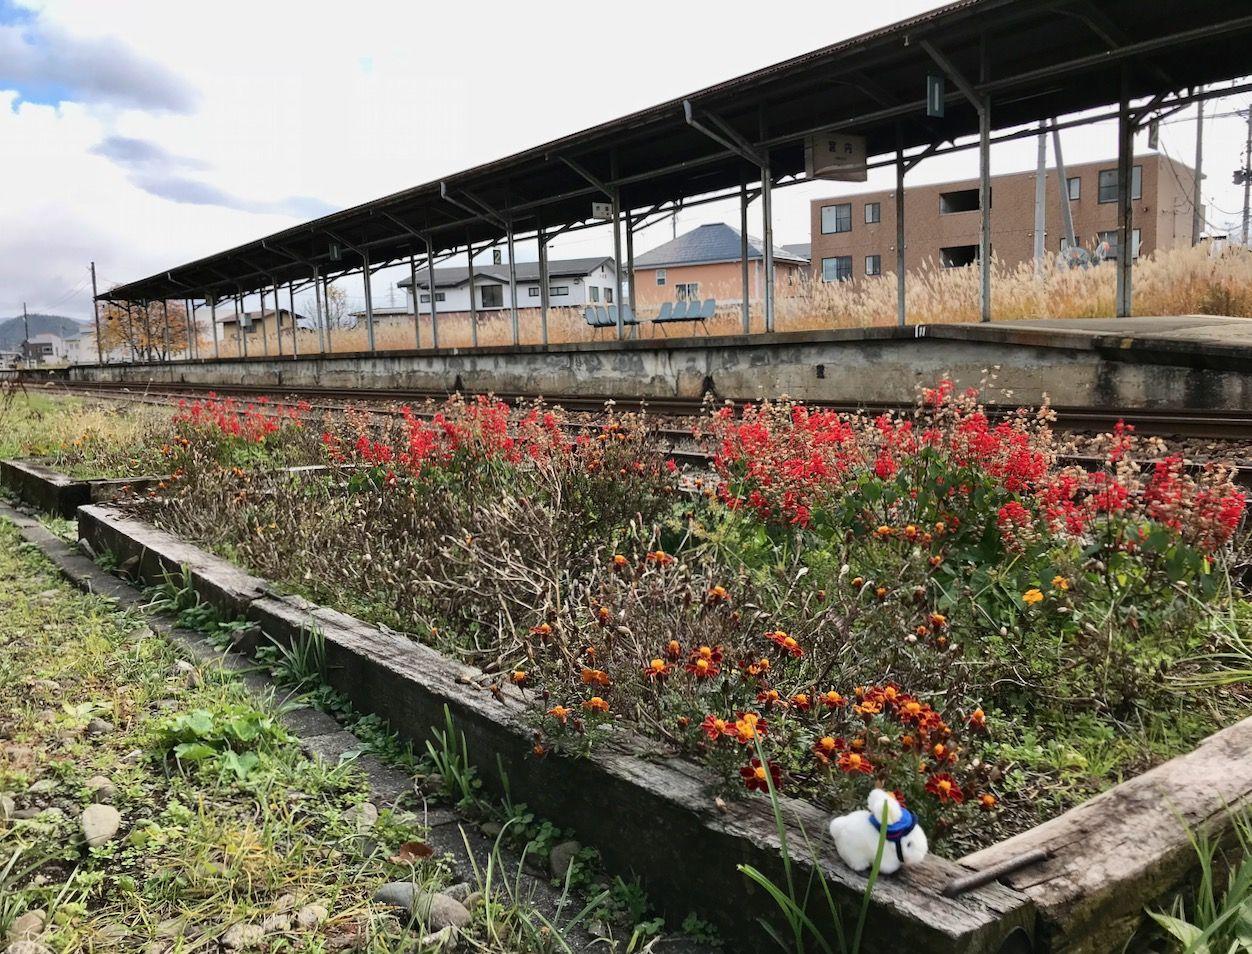 ほっこり田舎の駅舎での〜んびり列車を待つ